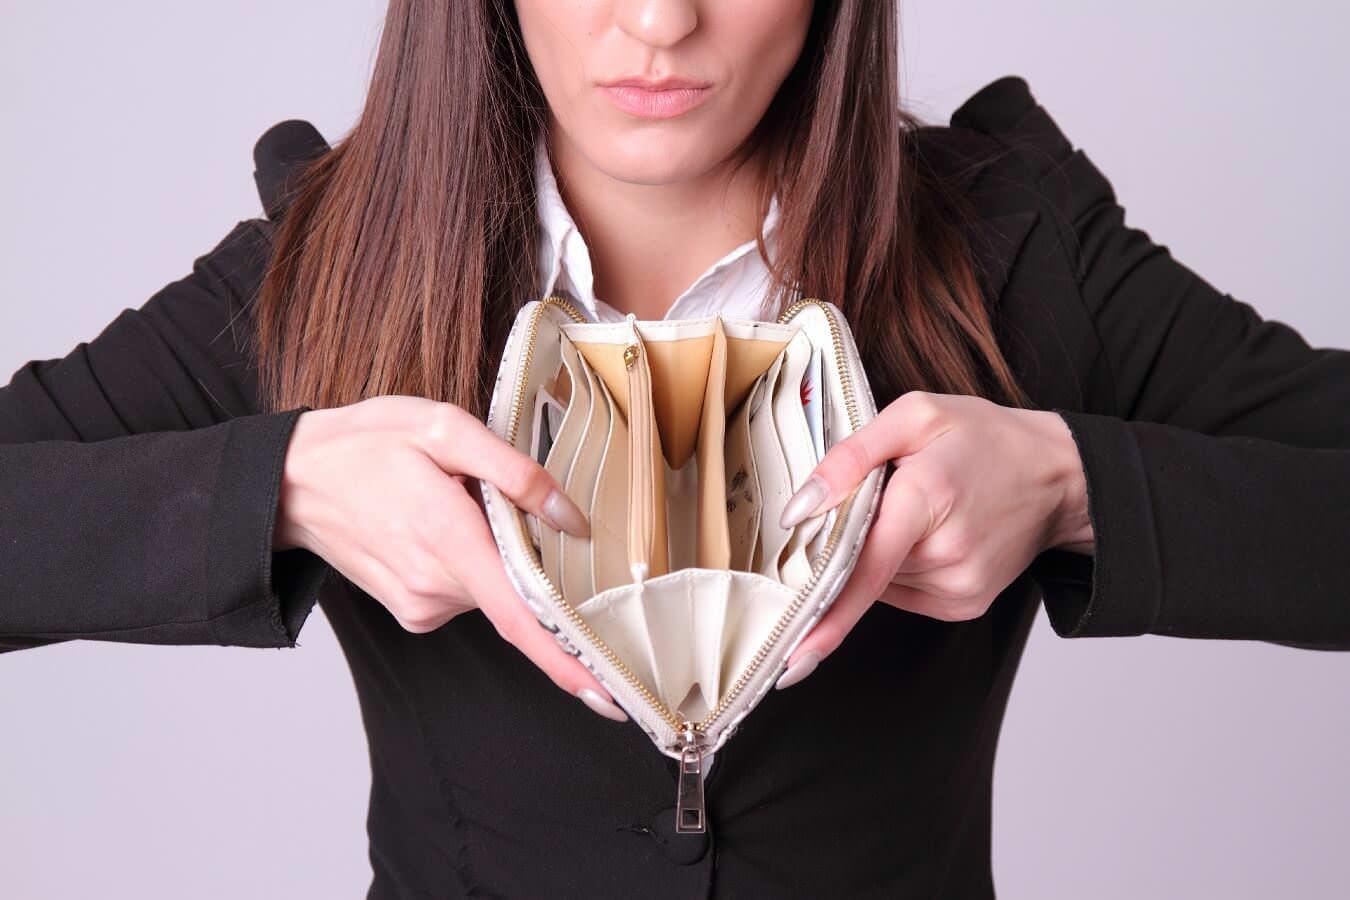 給料が安いと不満を感じたら昇給を待つよりも転職すべき理由を語る!